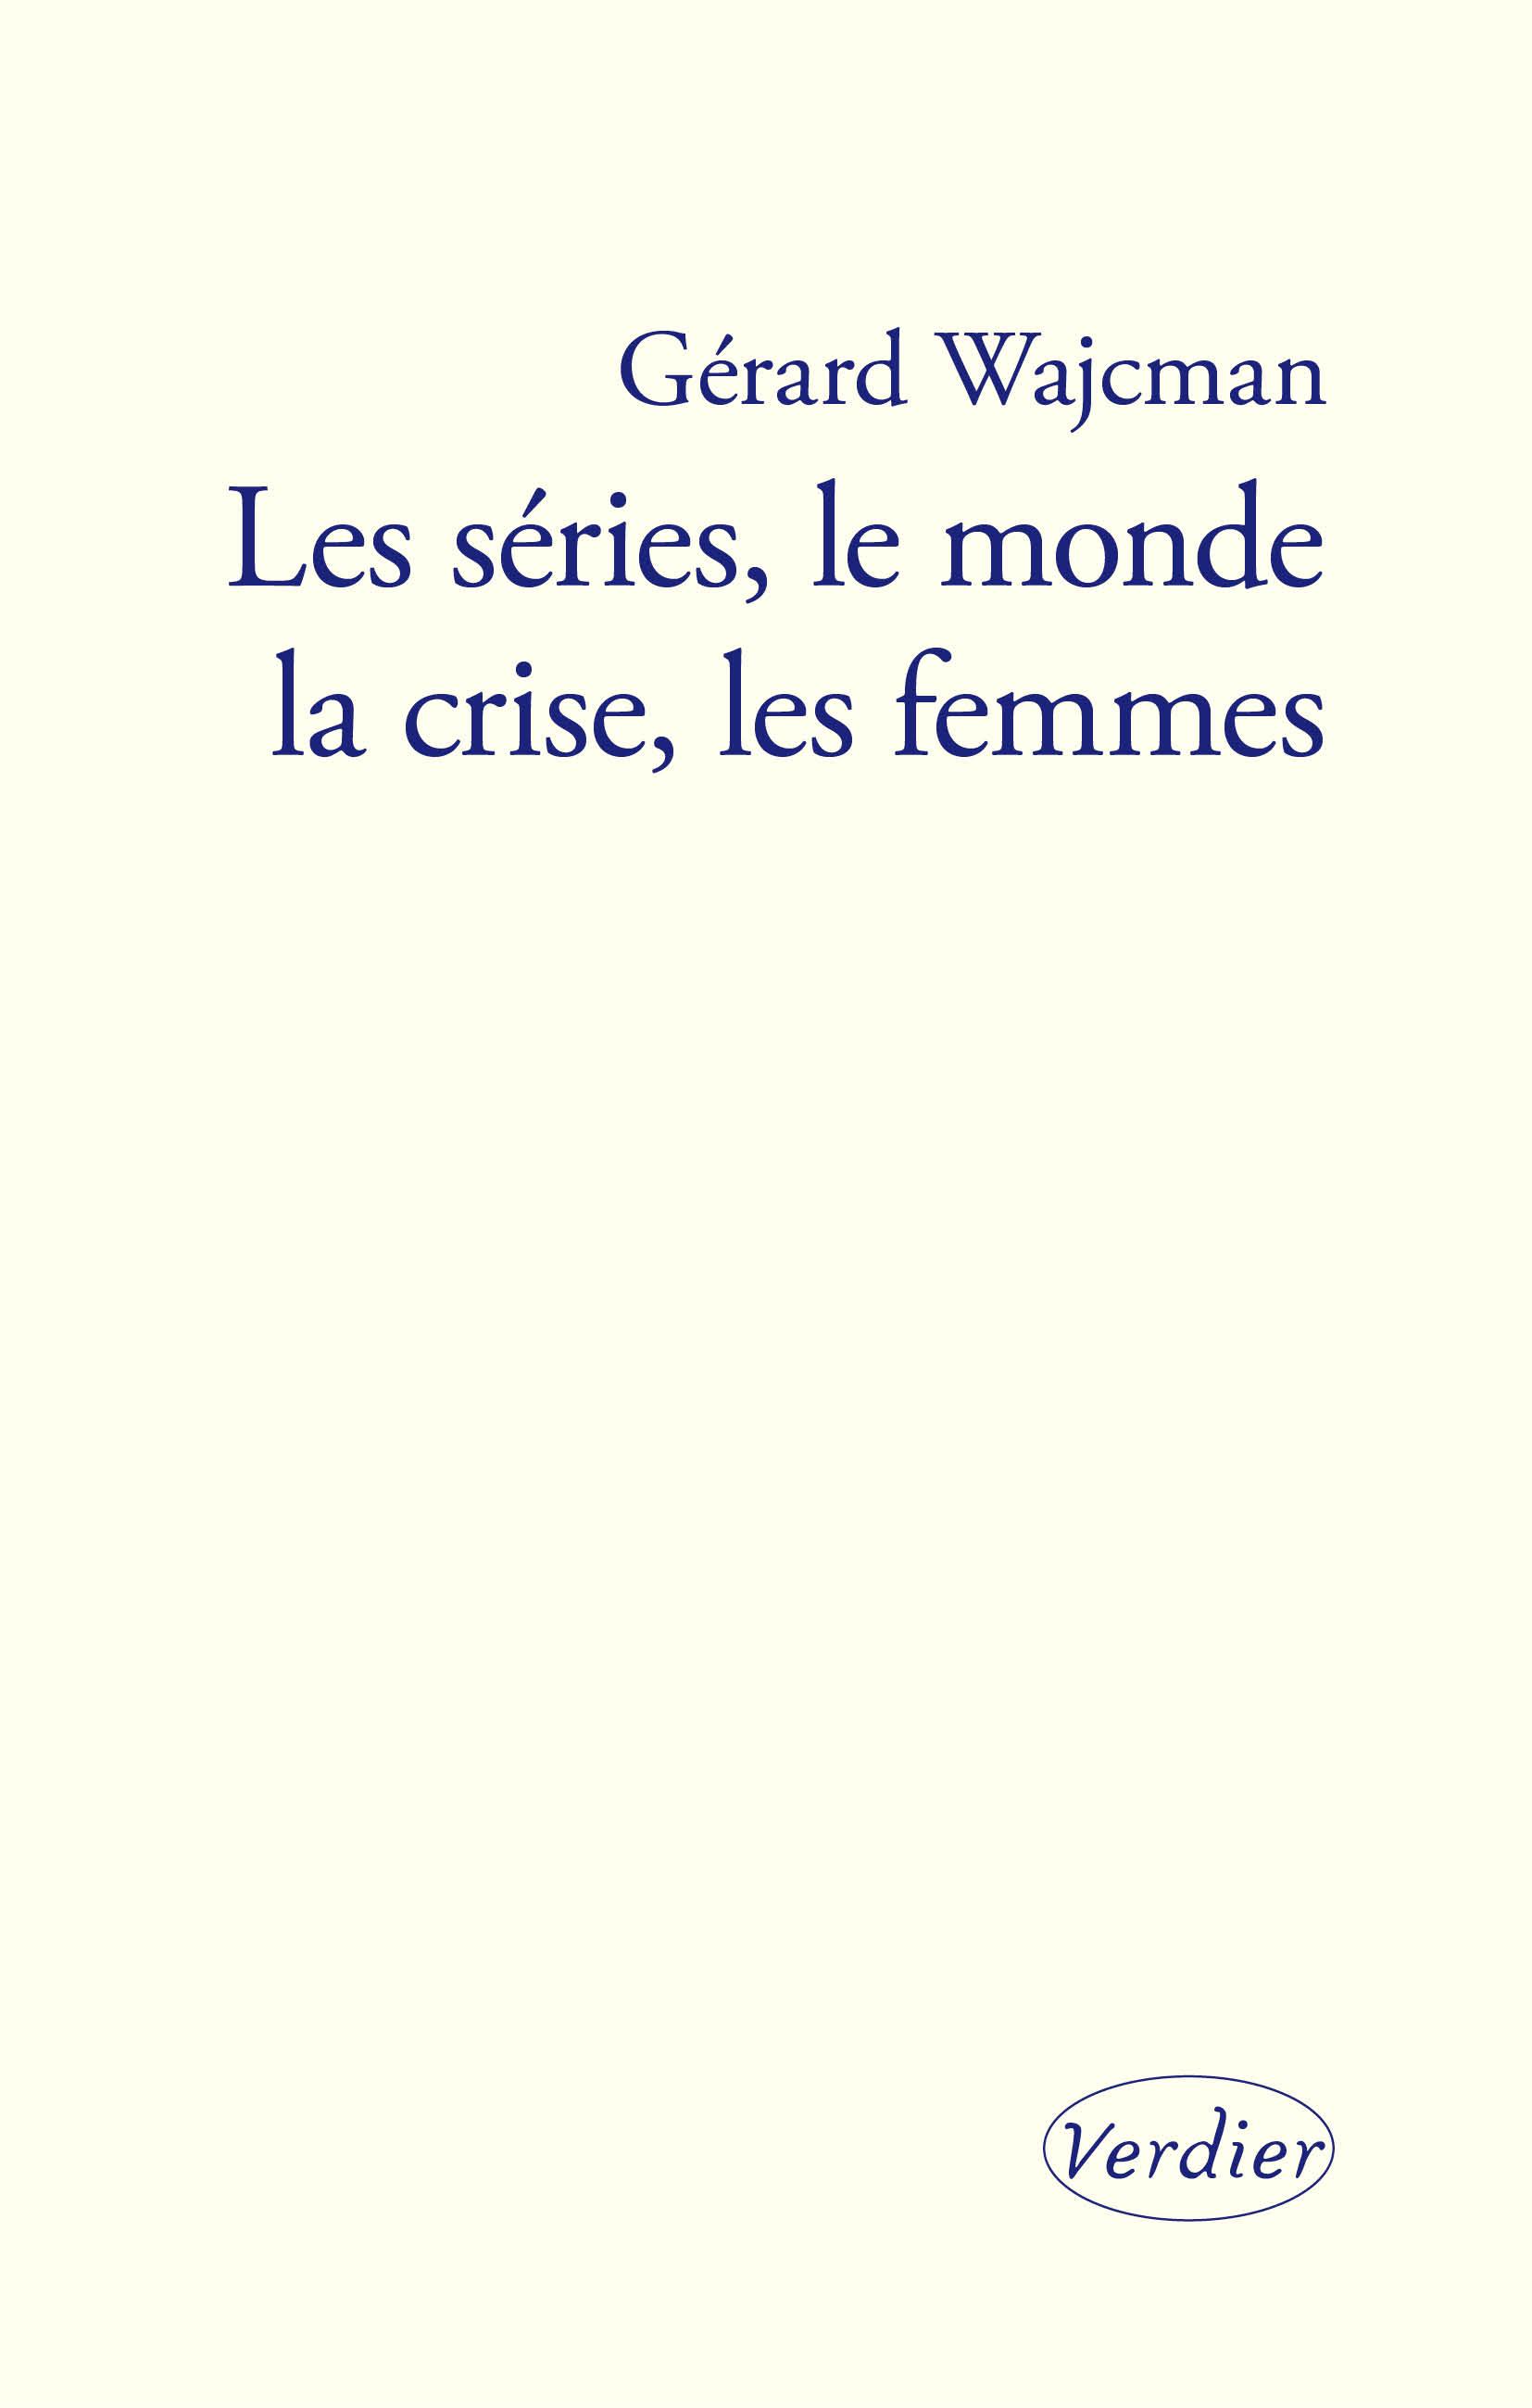 Les s?ries, le monde, la crise, les femmes